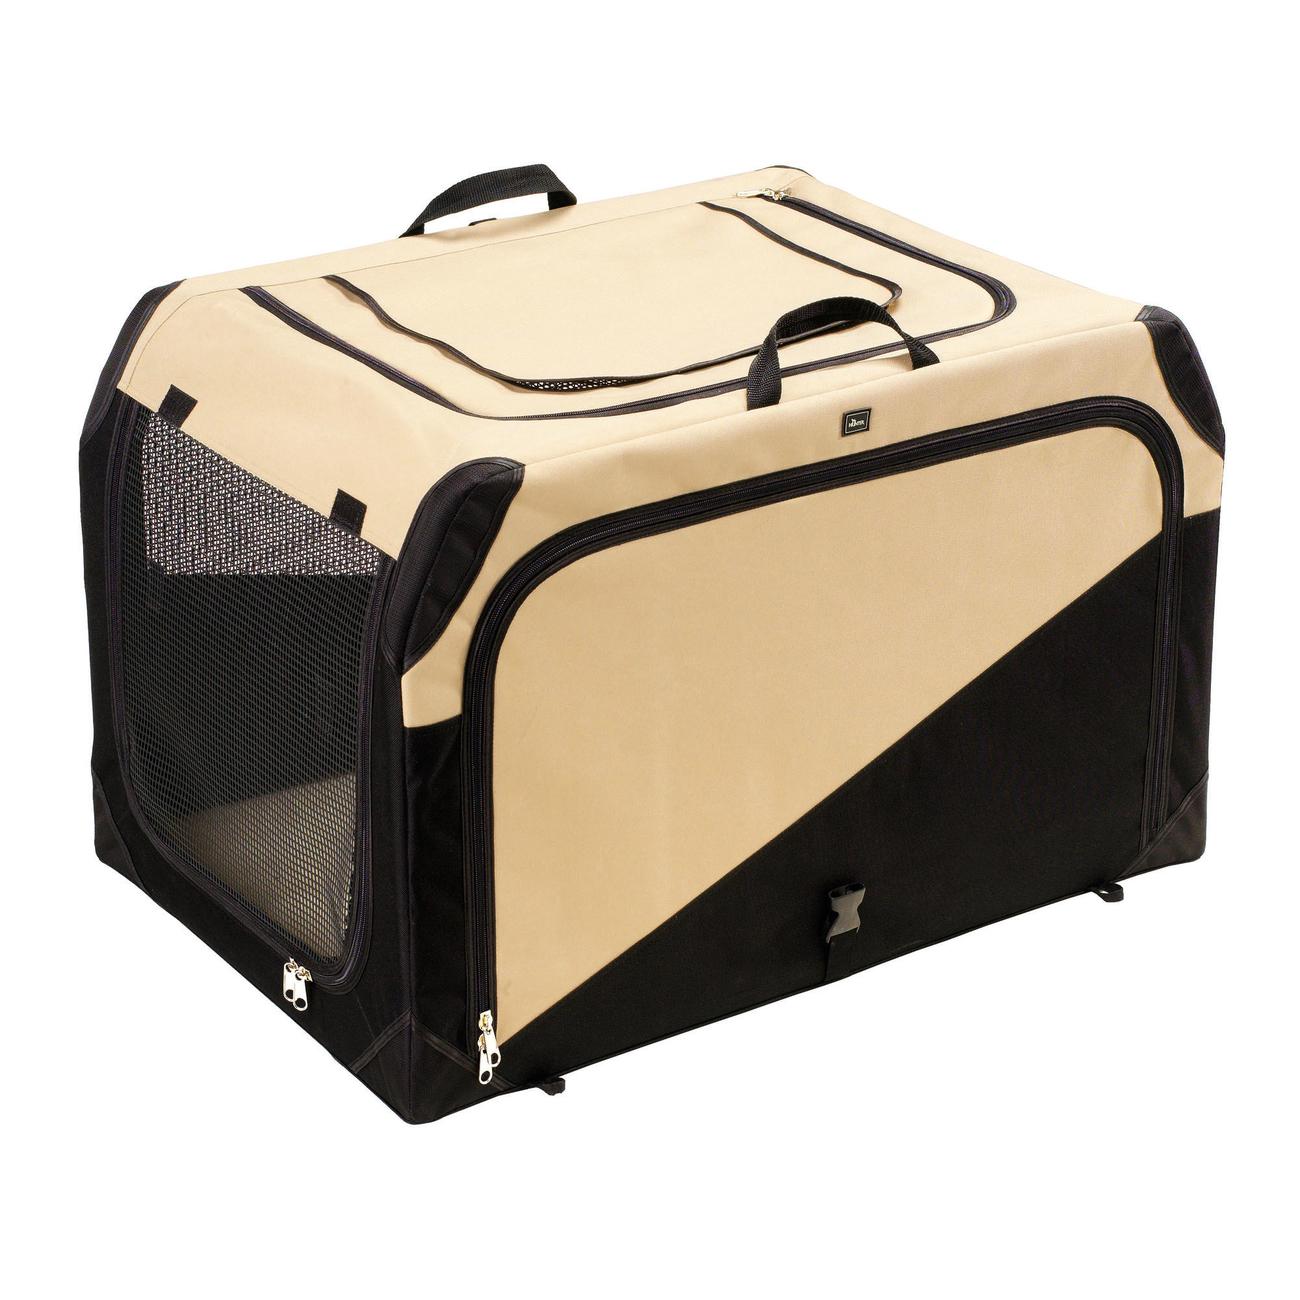 Hunter Hundebox Transportbox faltbar 44956, Bild 2